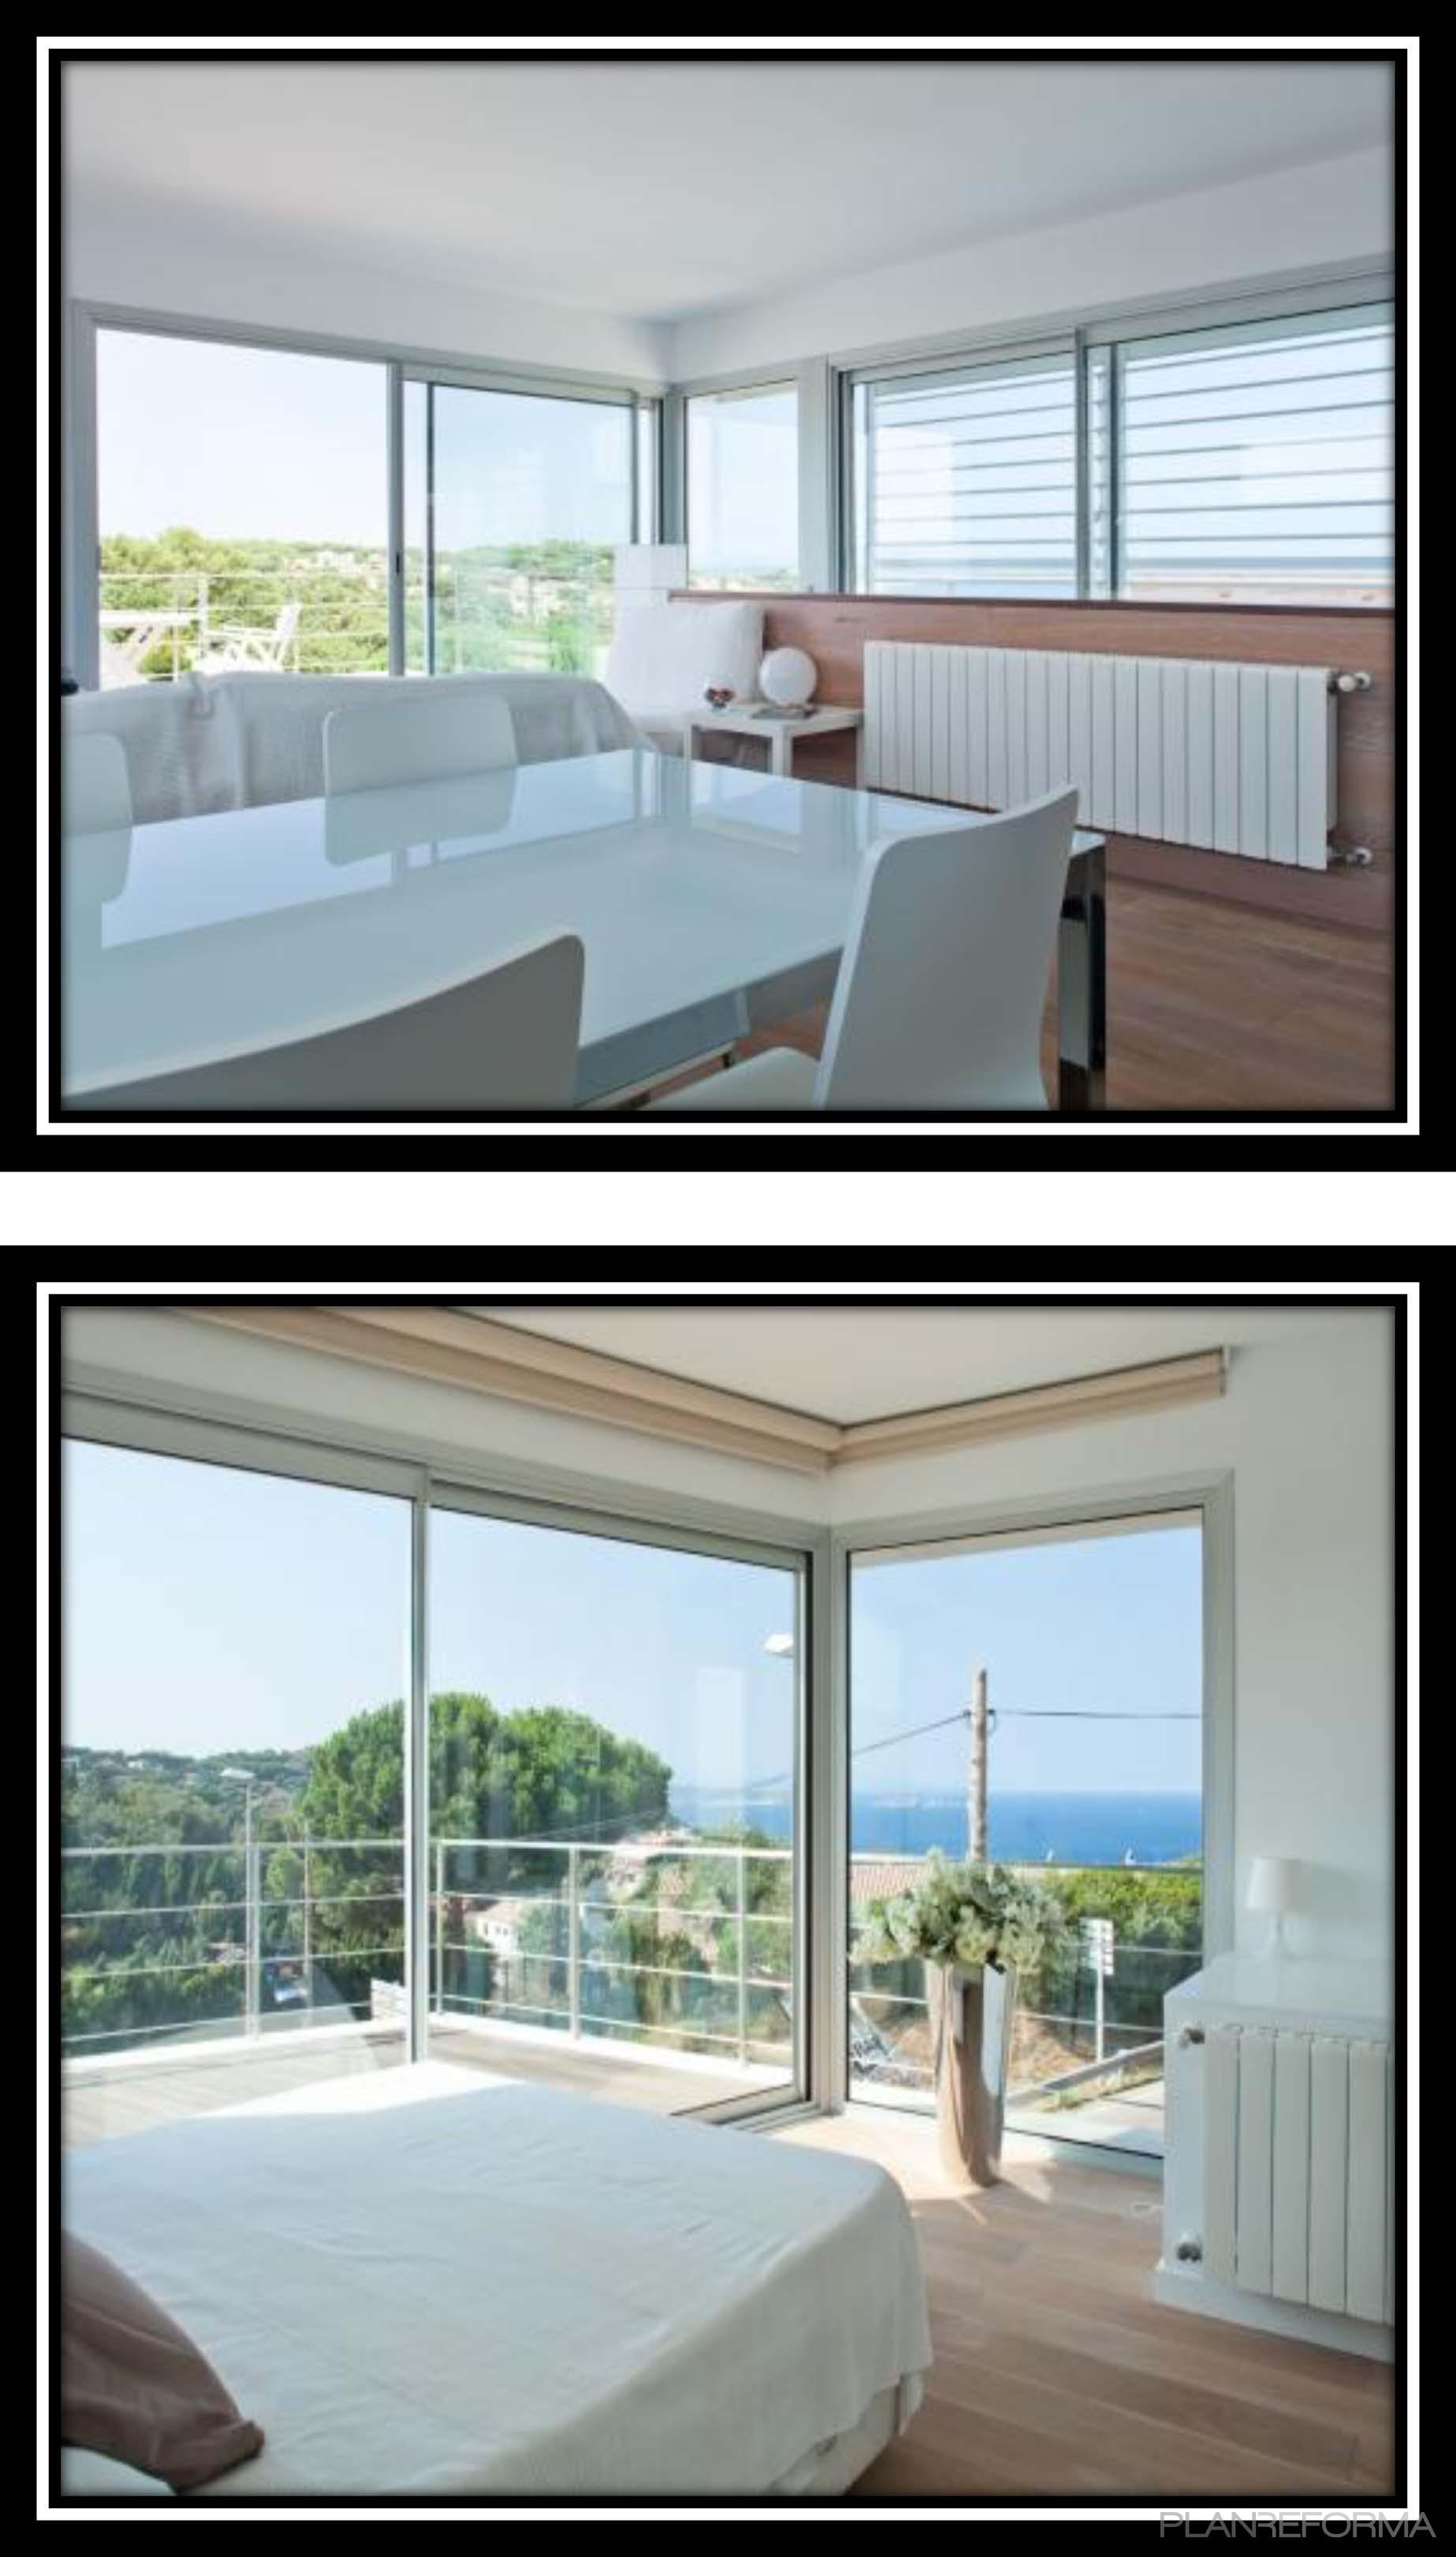 Dormitorio comedor estilo moderno color blanco negro for Comedor estilo moderno